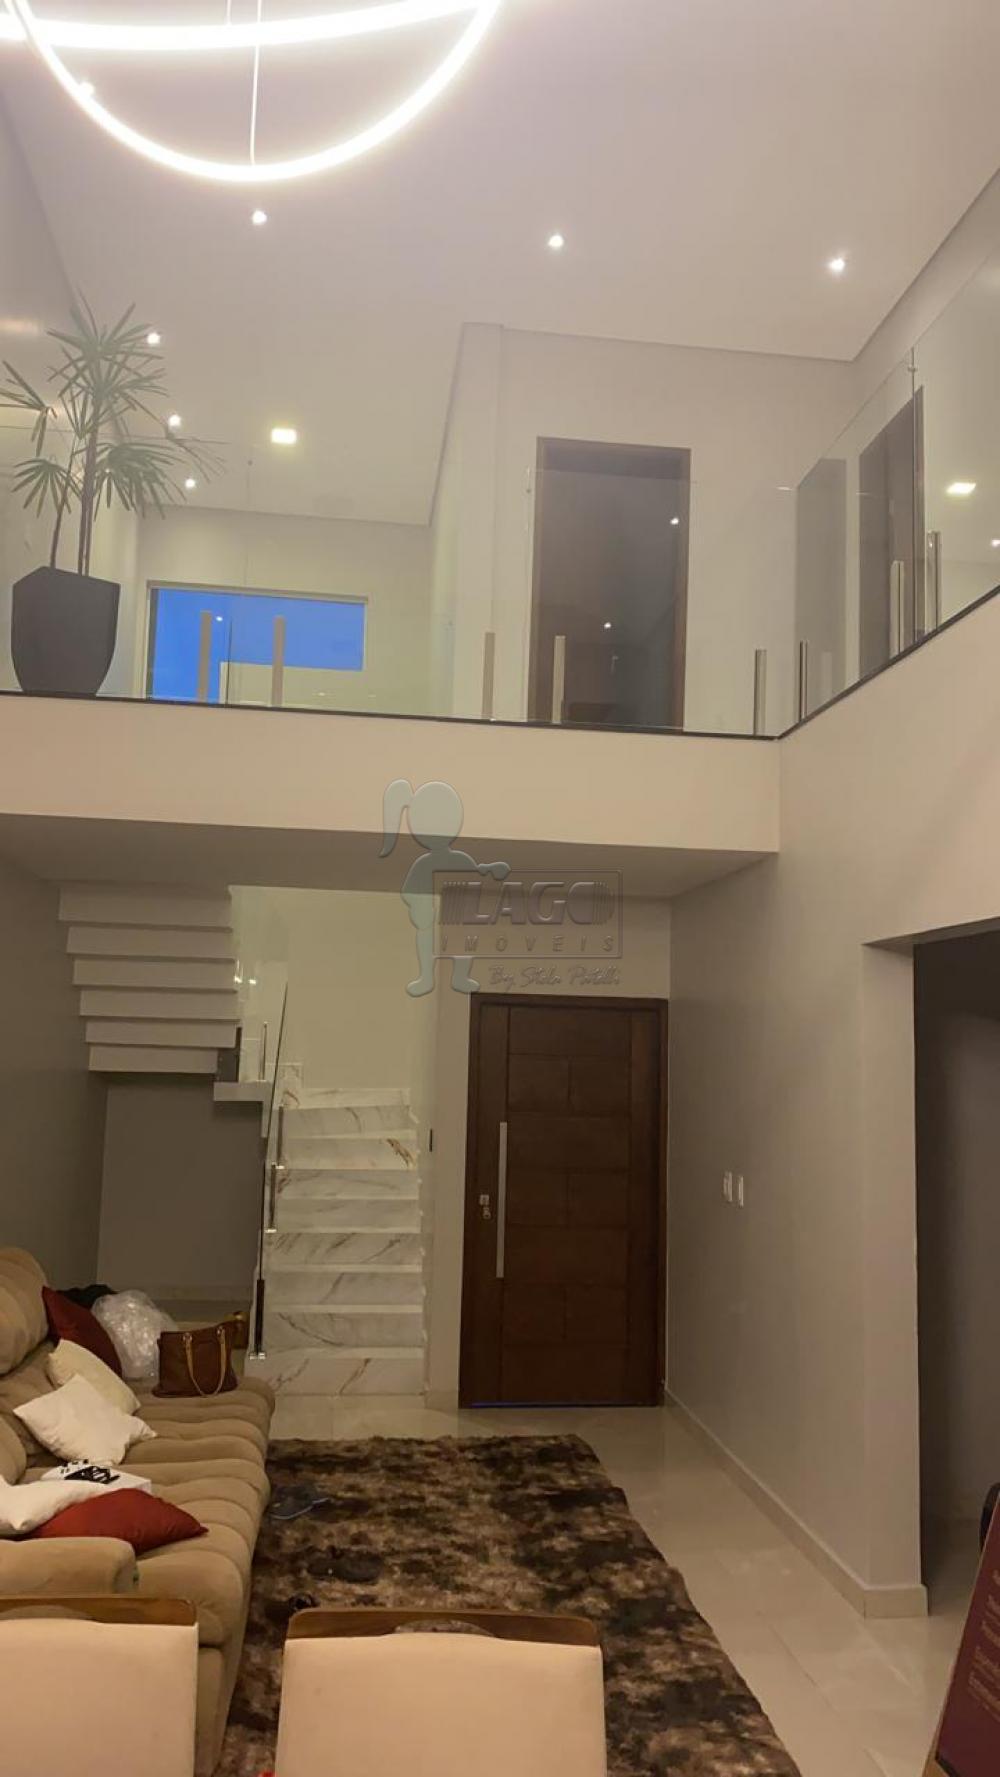 Comprar Casas / Condomínio em Bonfim Paulista apenas R$ 1.400.000,00 - Foto 2